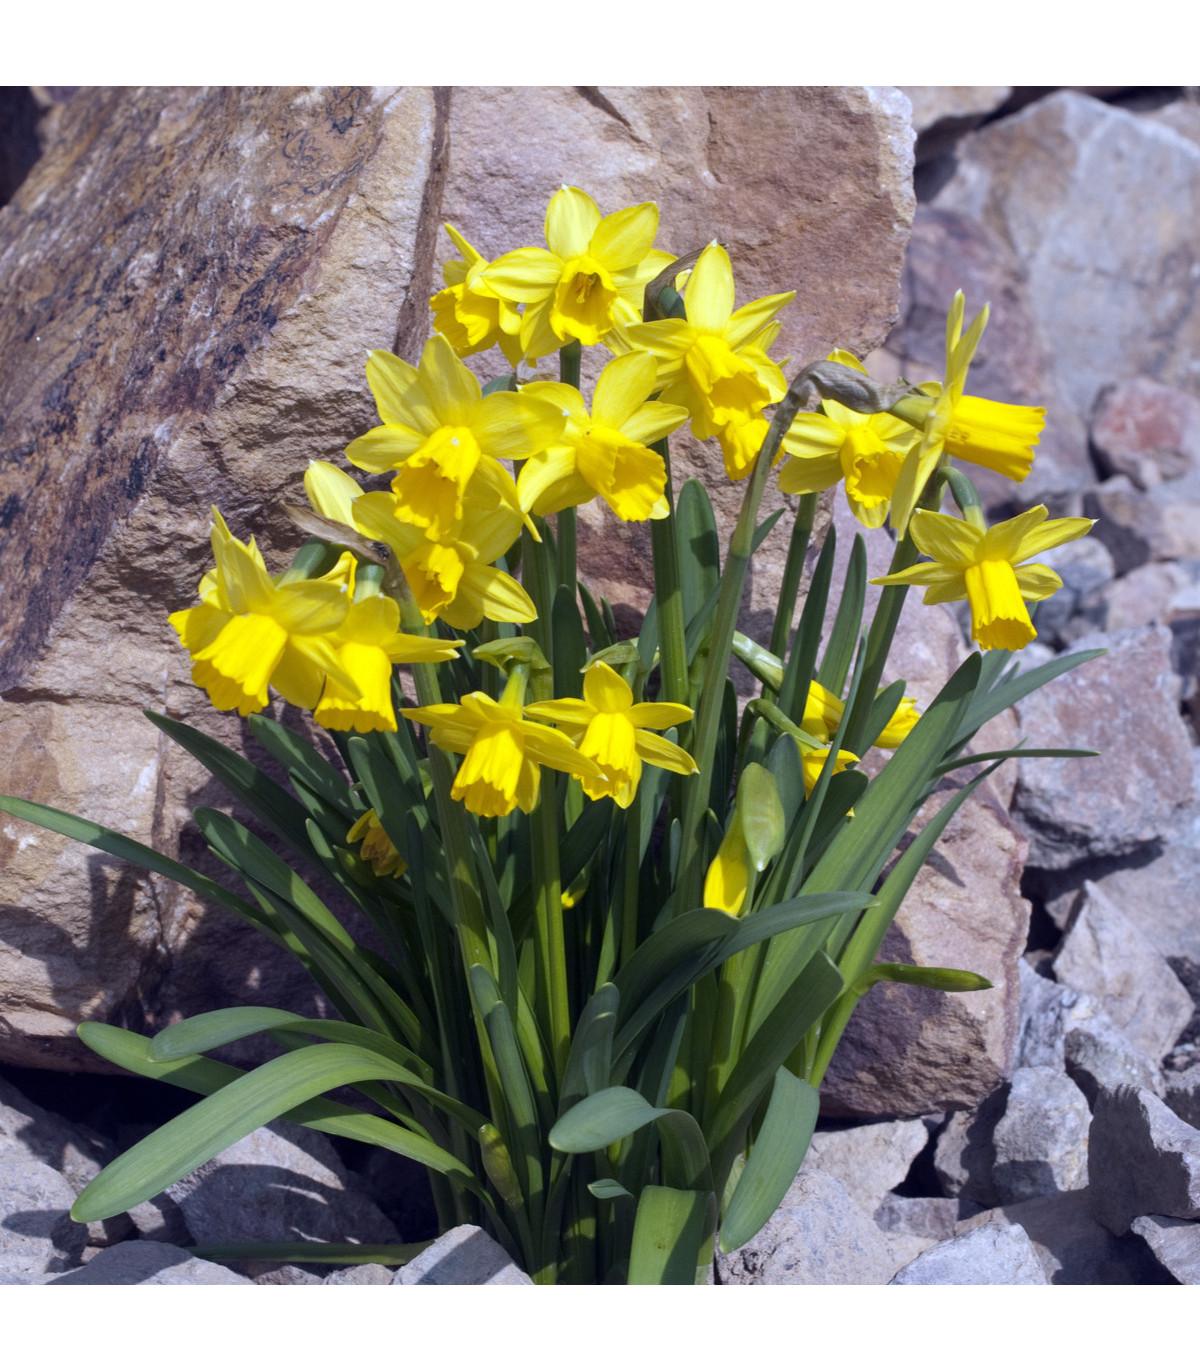 Narcis Tete a Tete - Narcissus L. - cibuľoviny - 3 ks